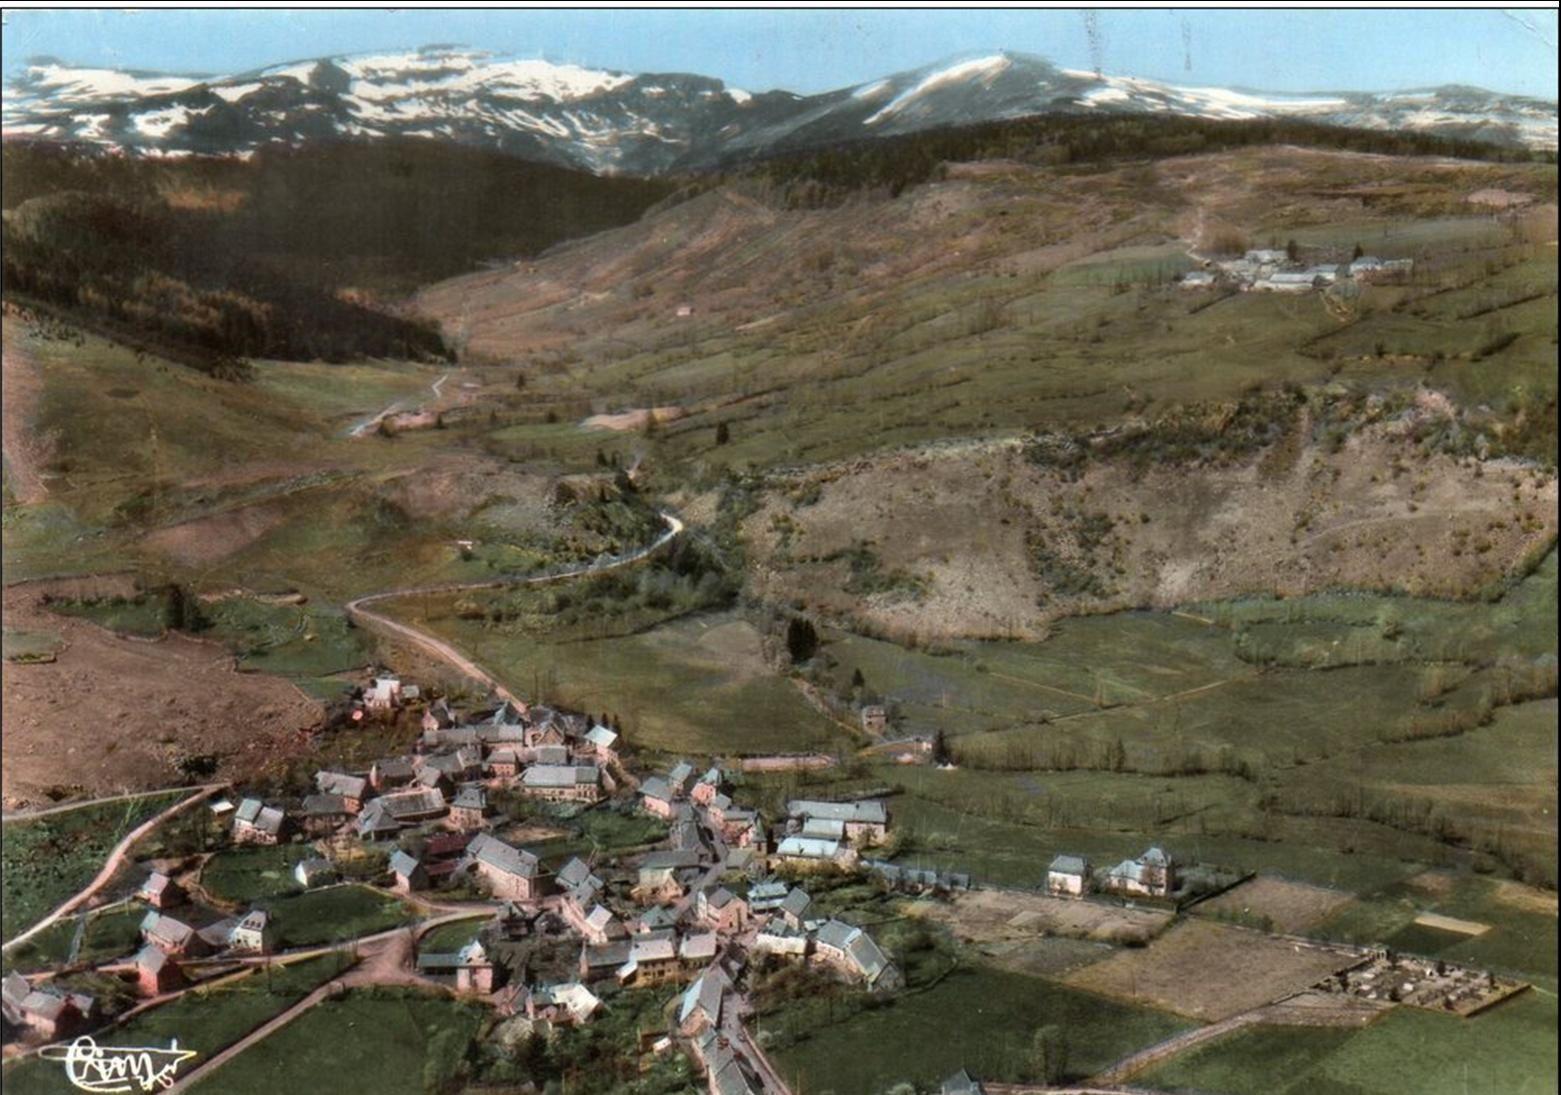 Bredons et Albepierre dans le Cantal en Cartes postales anciennes